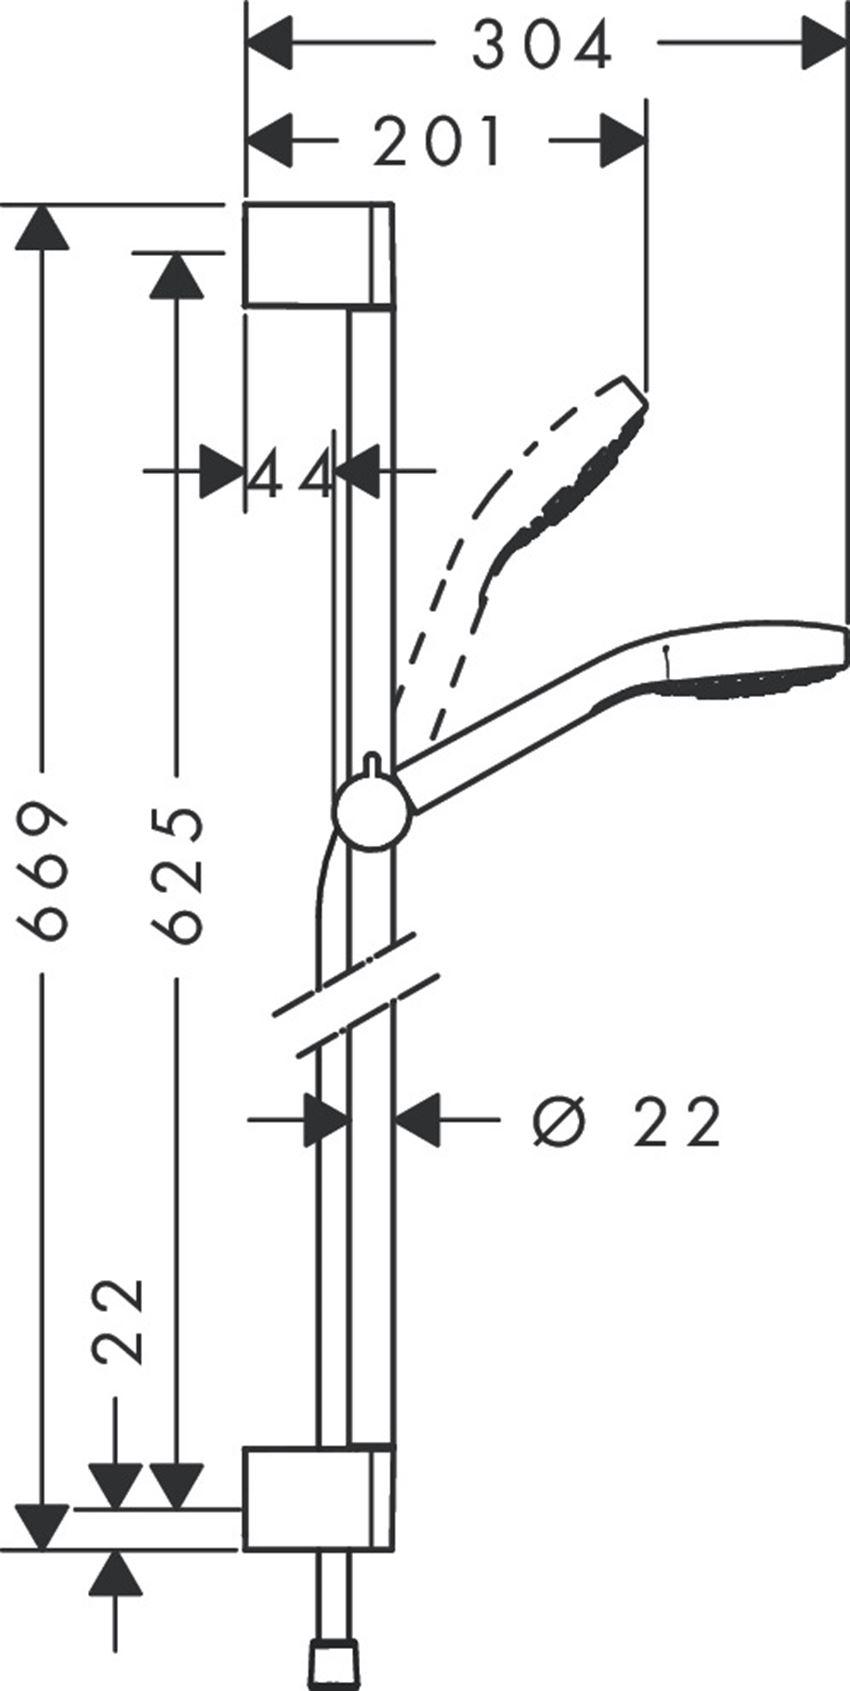 Zestaw prysznicowy Multi EcoSmart Hansgrohe Croma Select E rysunek techniczny